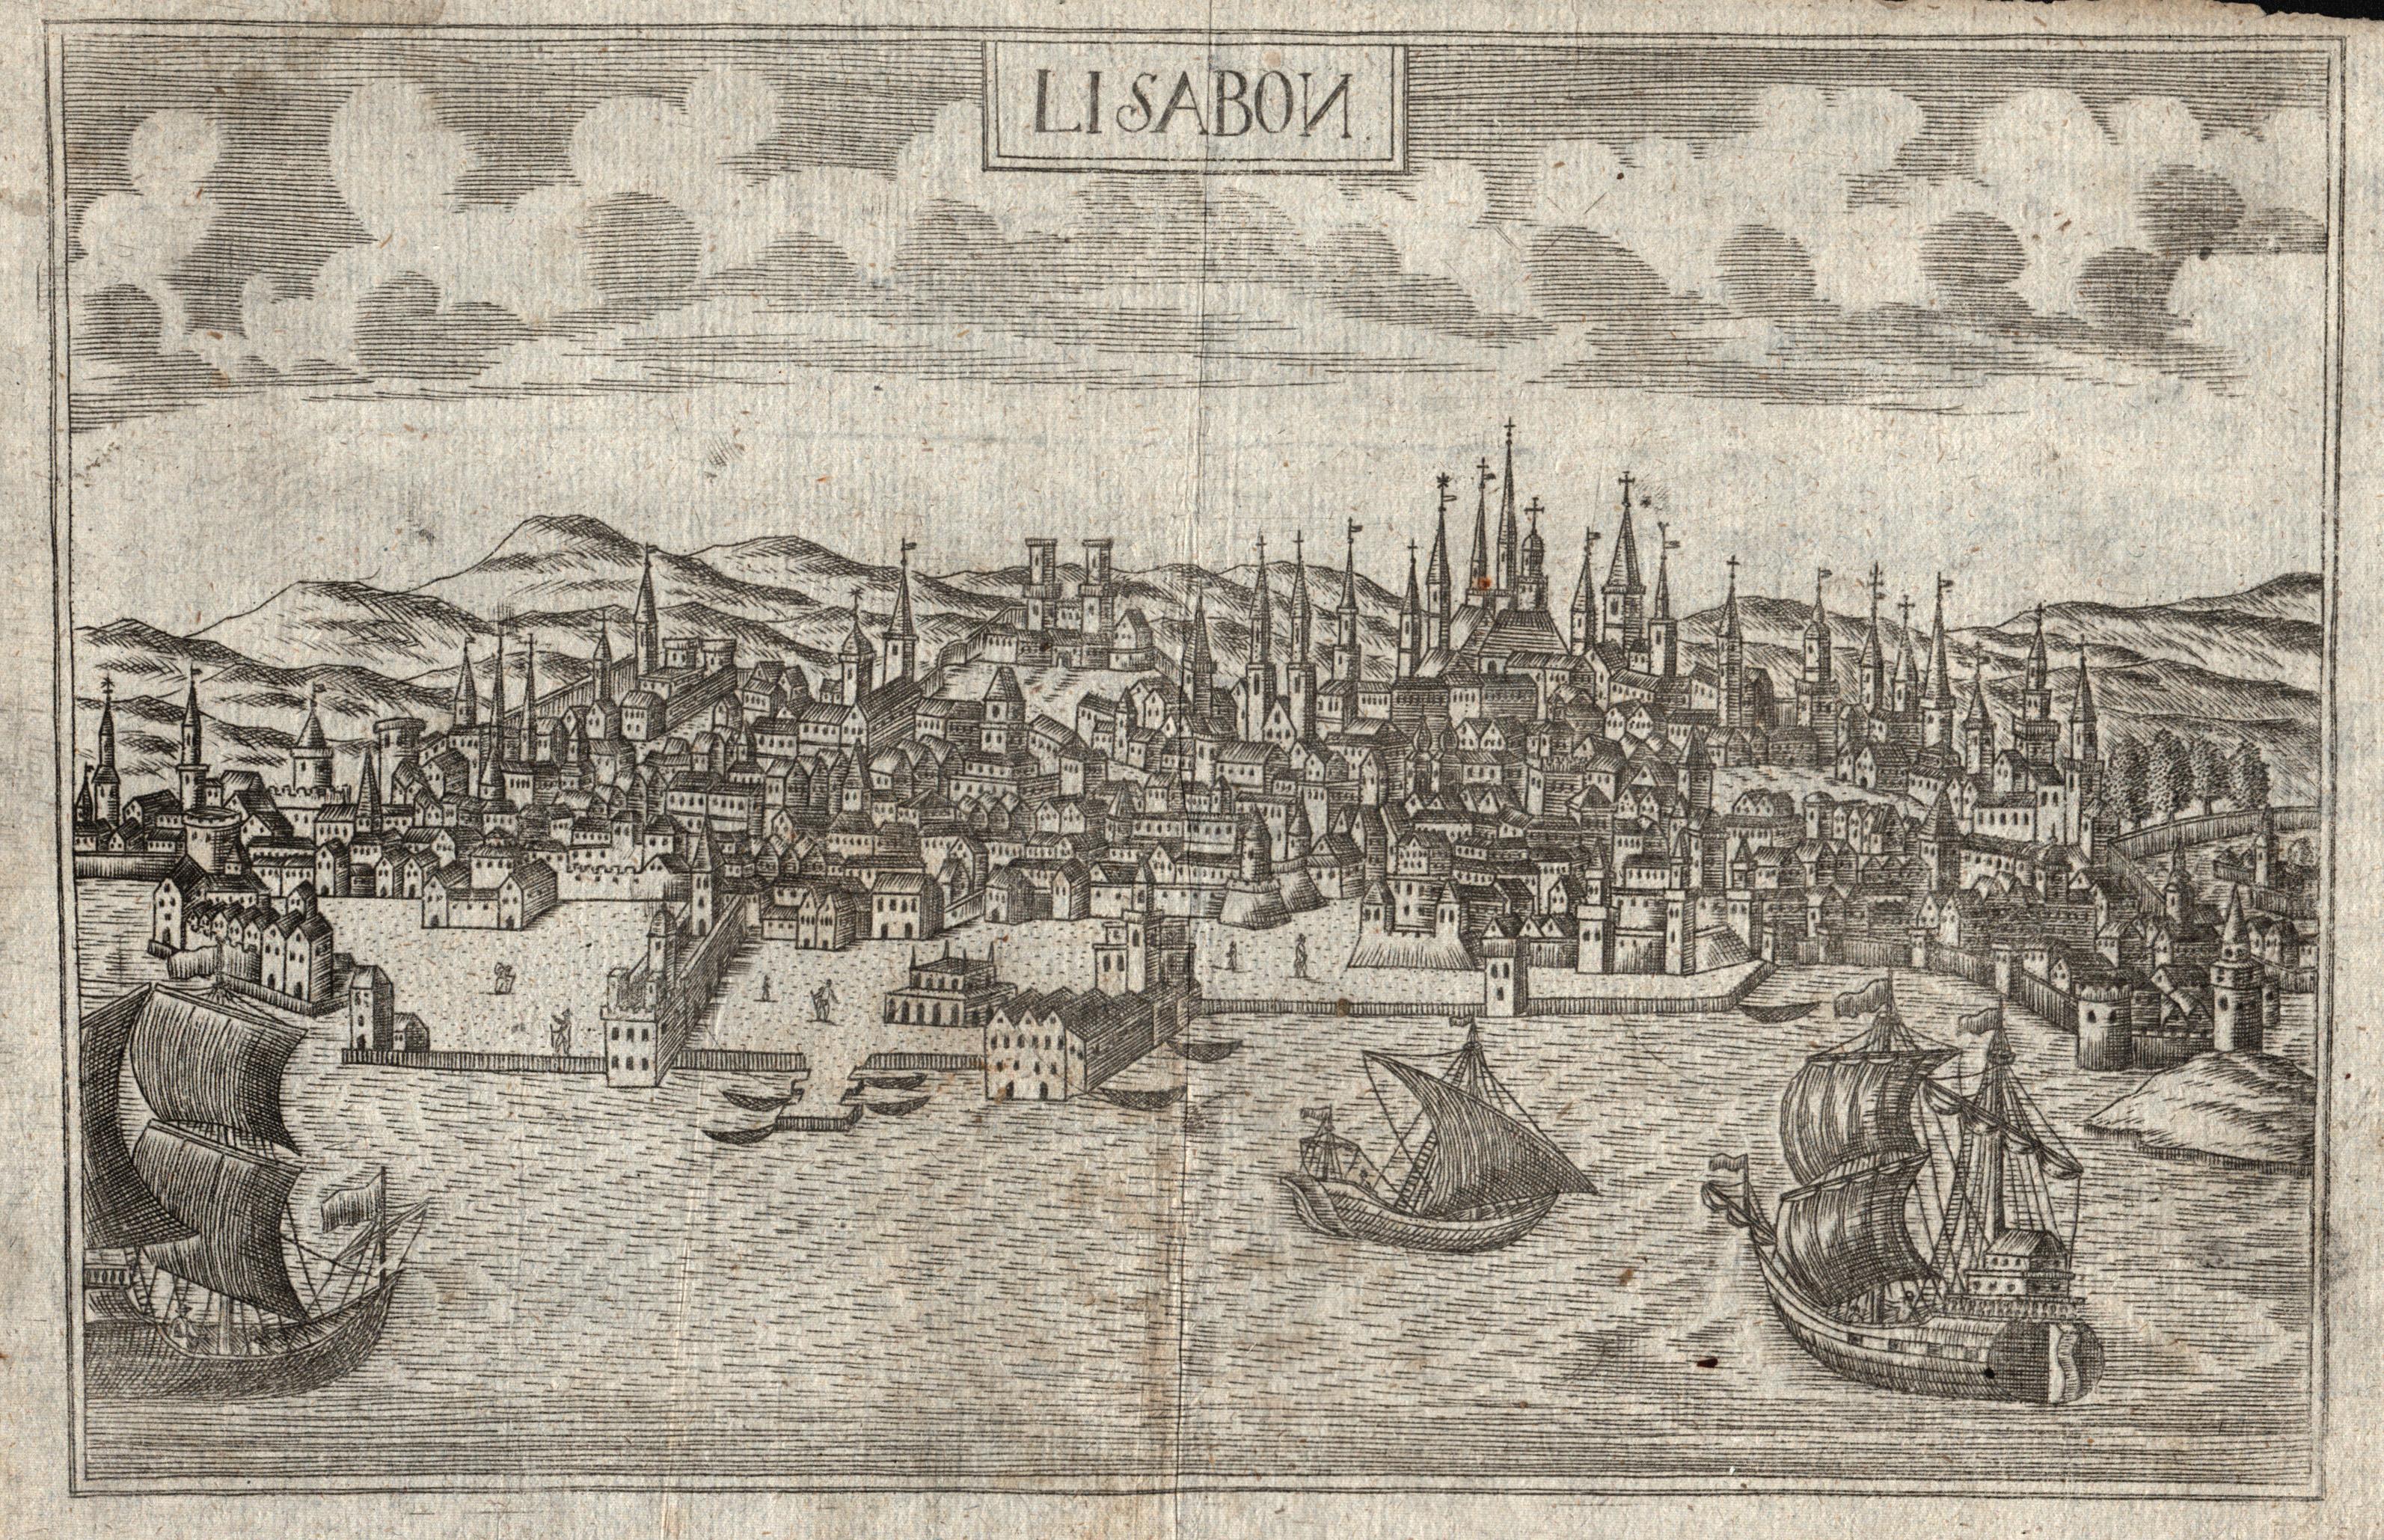 """Gesamtansicht, """"Lisabon"""".: Lissabon ( Lisboa"""